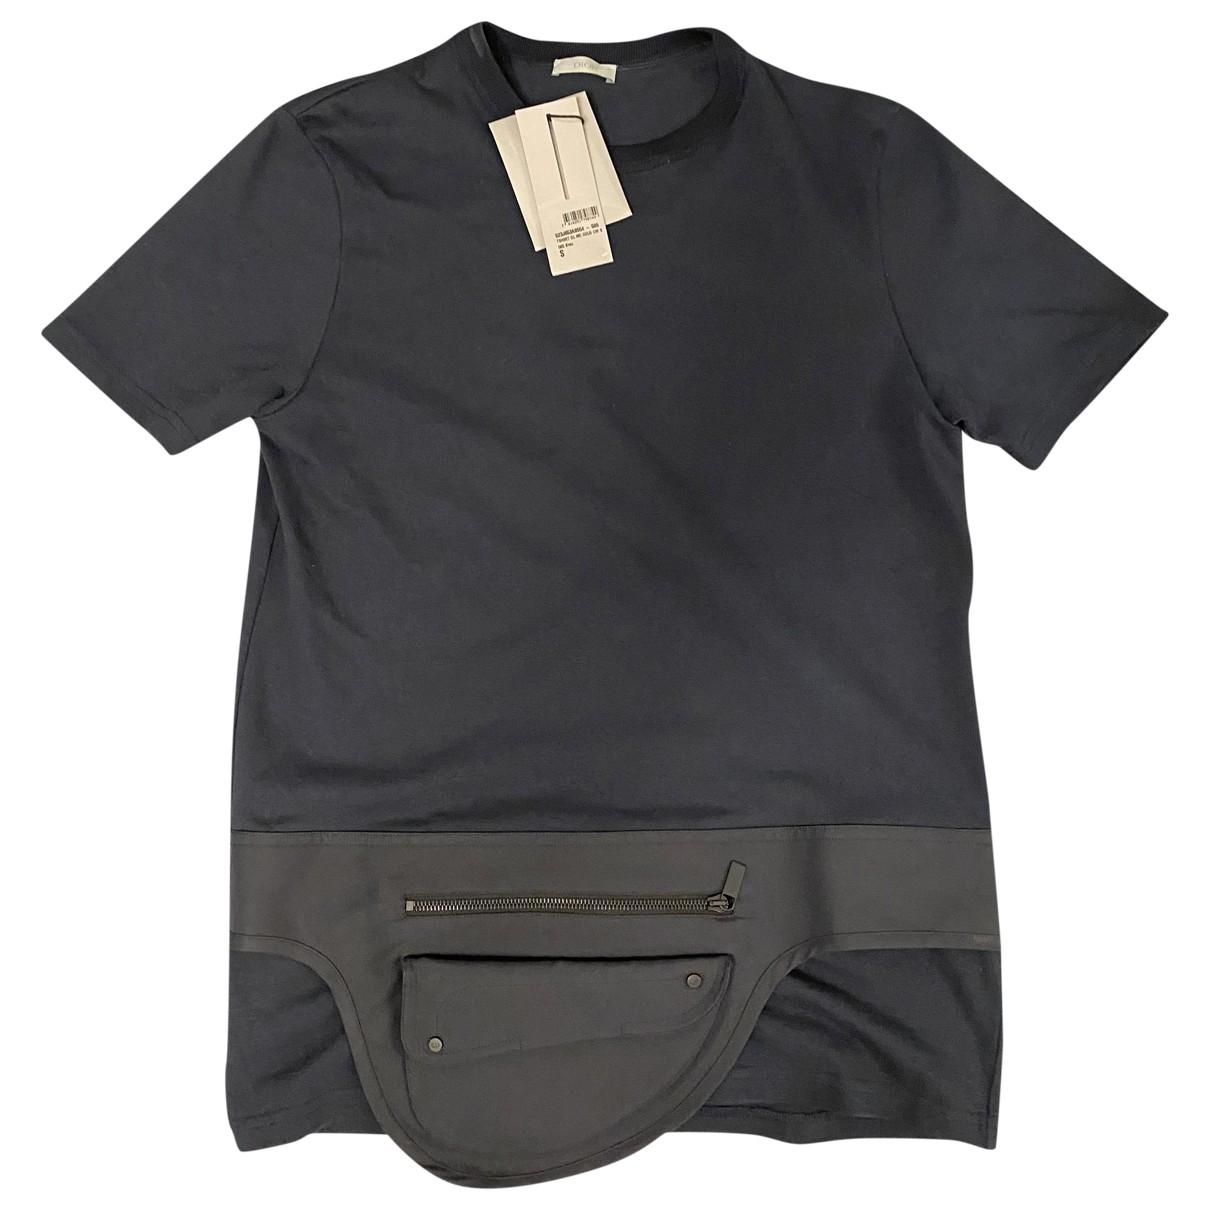 Dior Homme - Tee shirts   pour homme en coton - marine